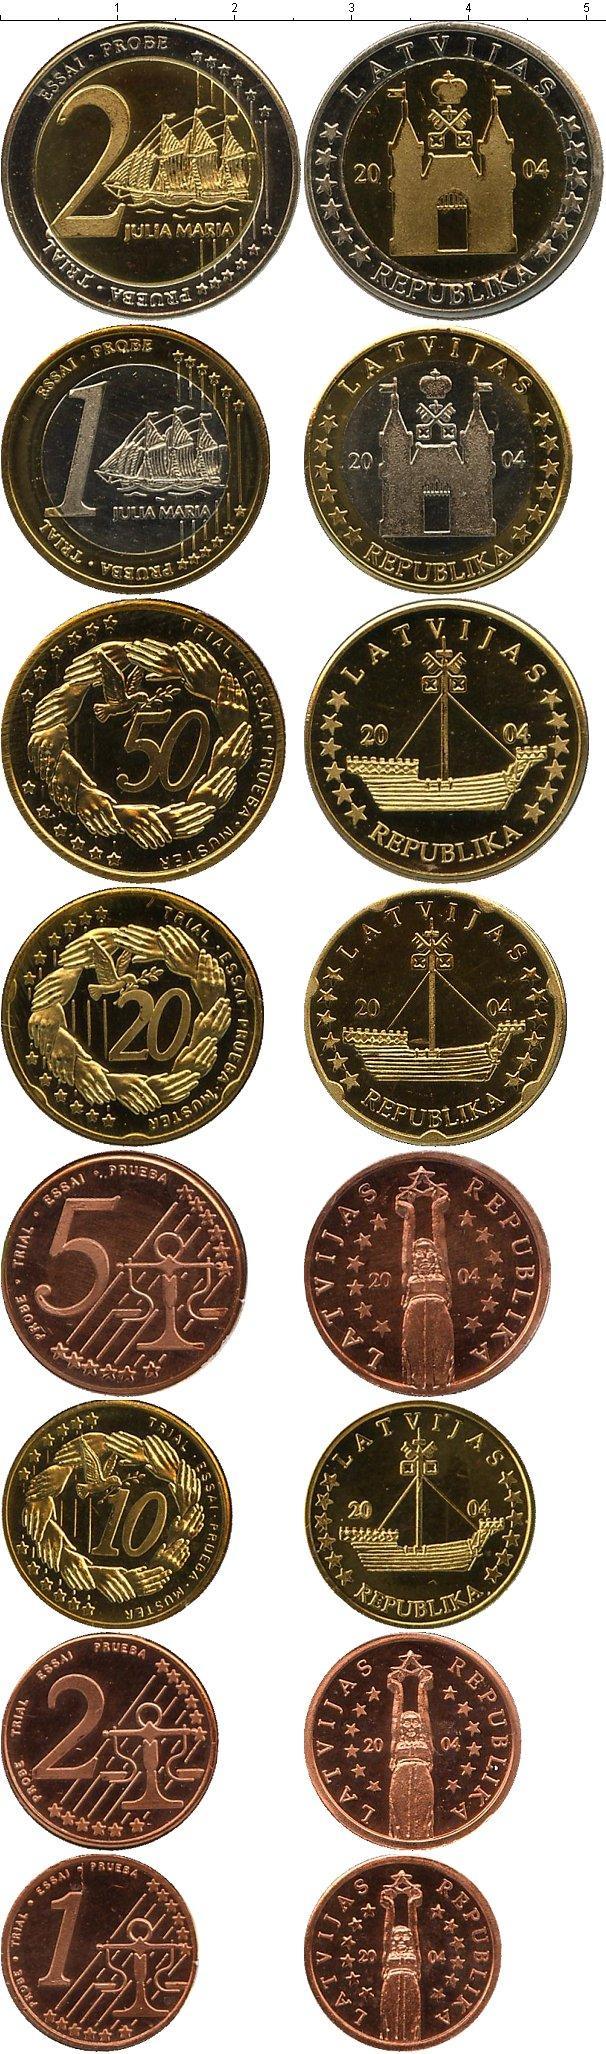 Каталог монет - Латвия Евронабор 2004 года